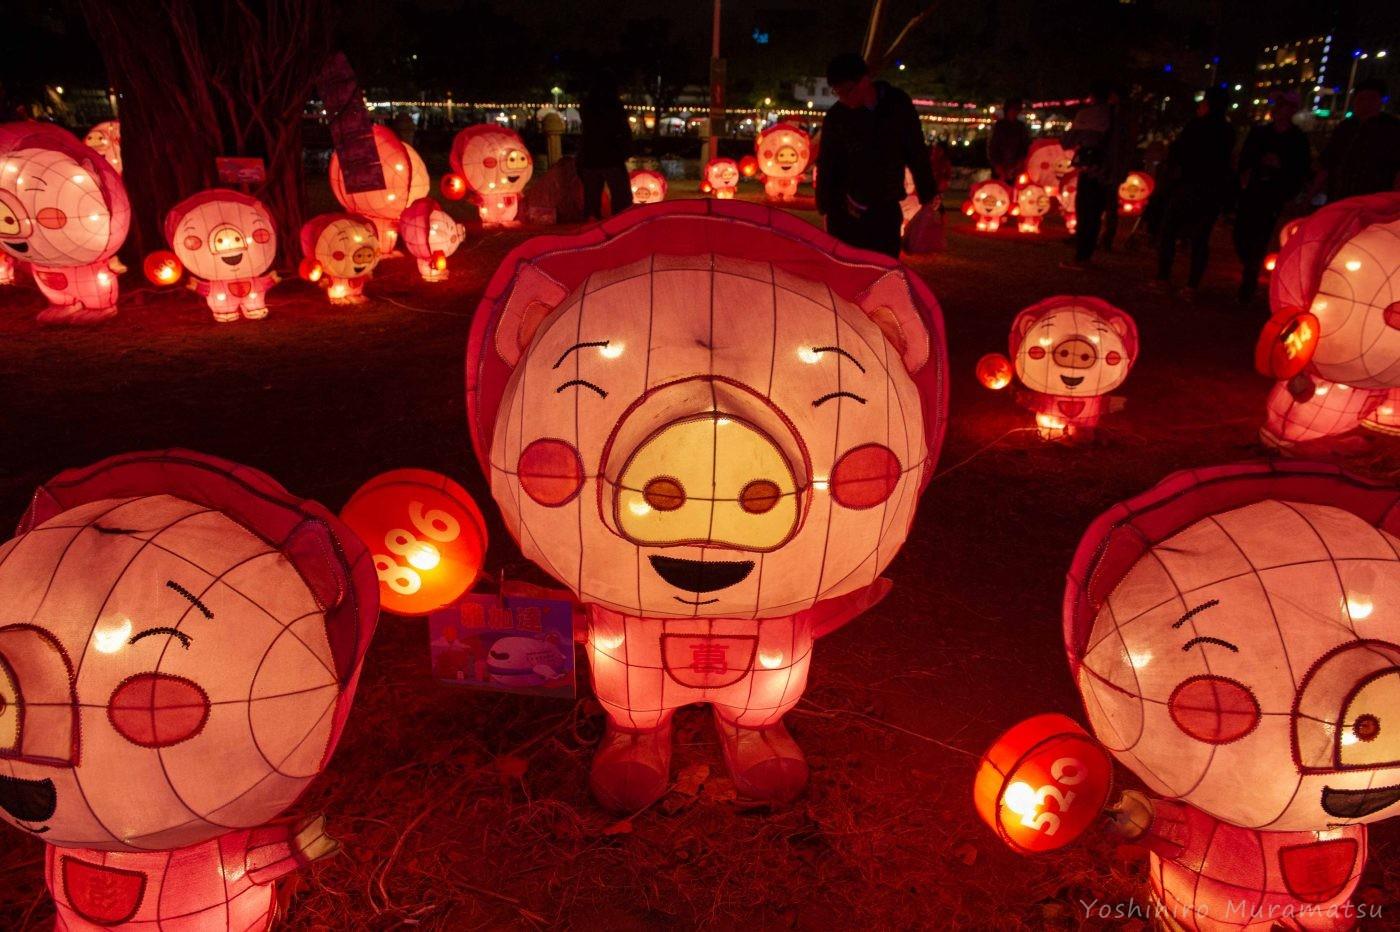 祭りの風景。豚の光るオブジェ。たくさんのブタさんが笑っていました。